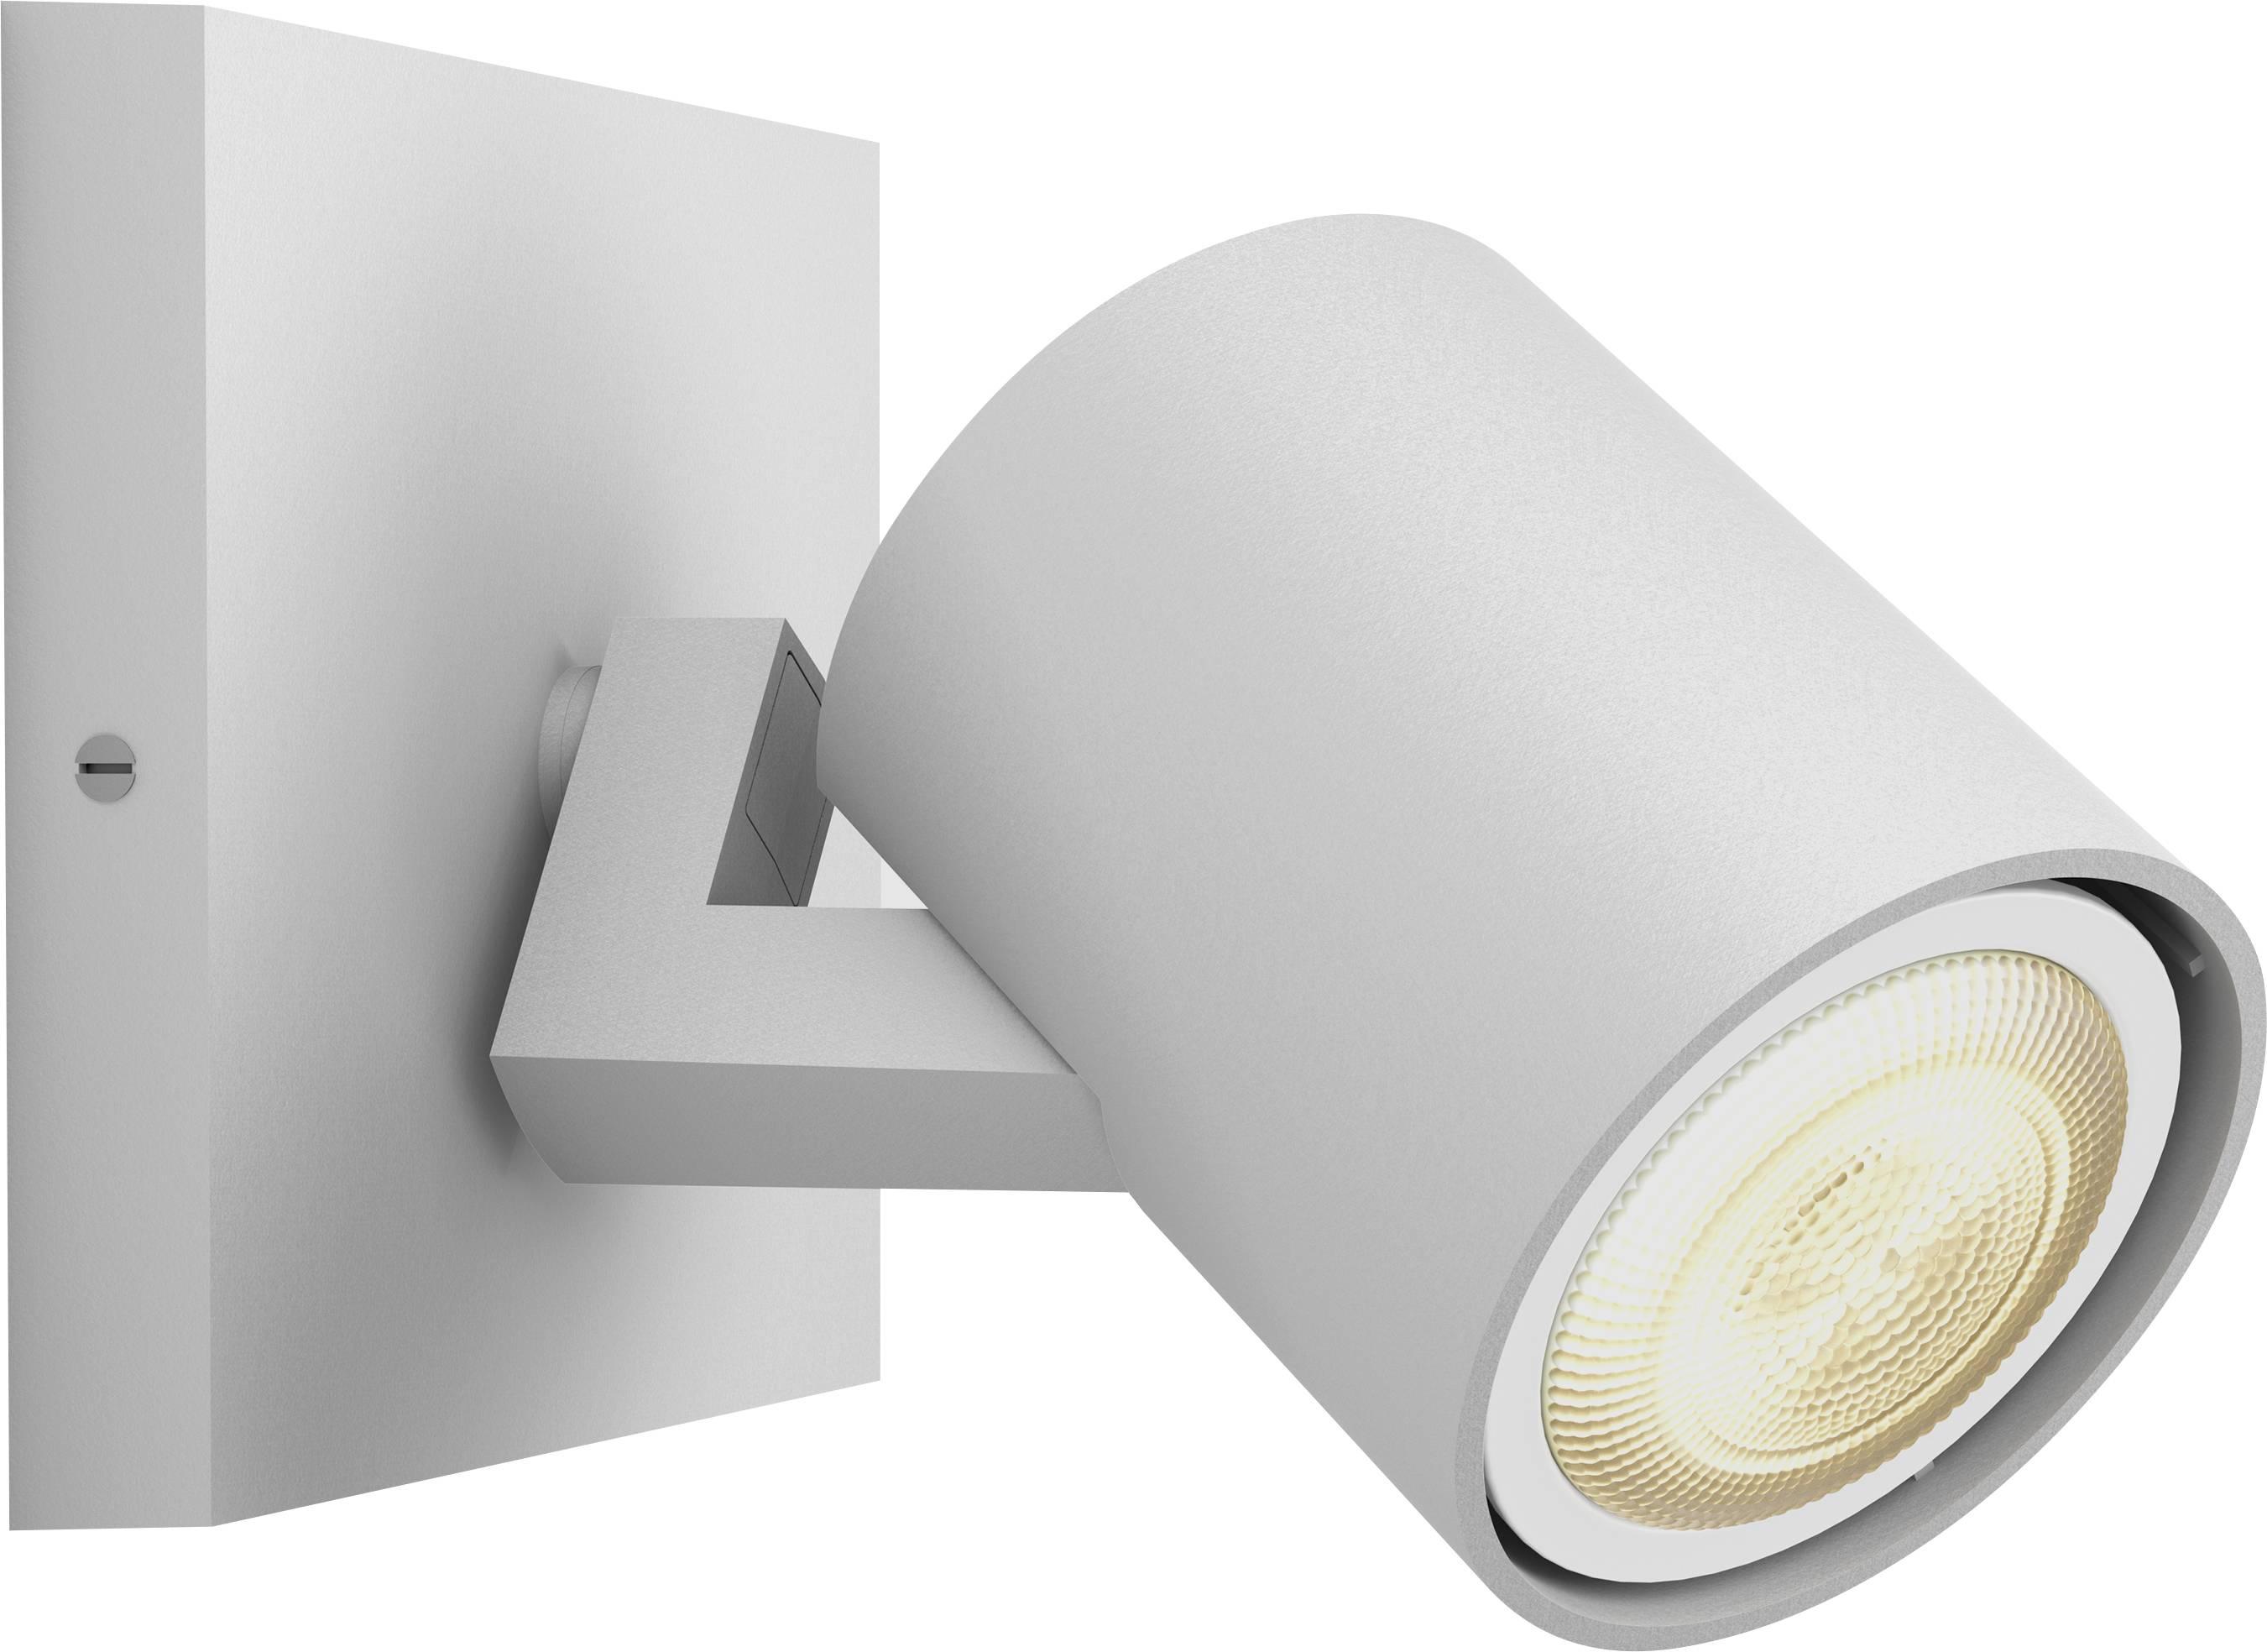 izdelek-philips-lighting-hue-led-stropna-in-stenska-svetilka-runner-2